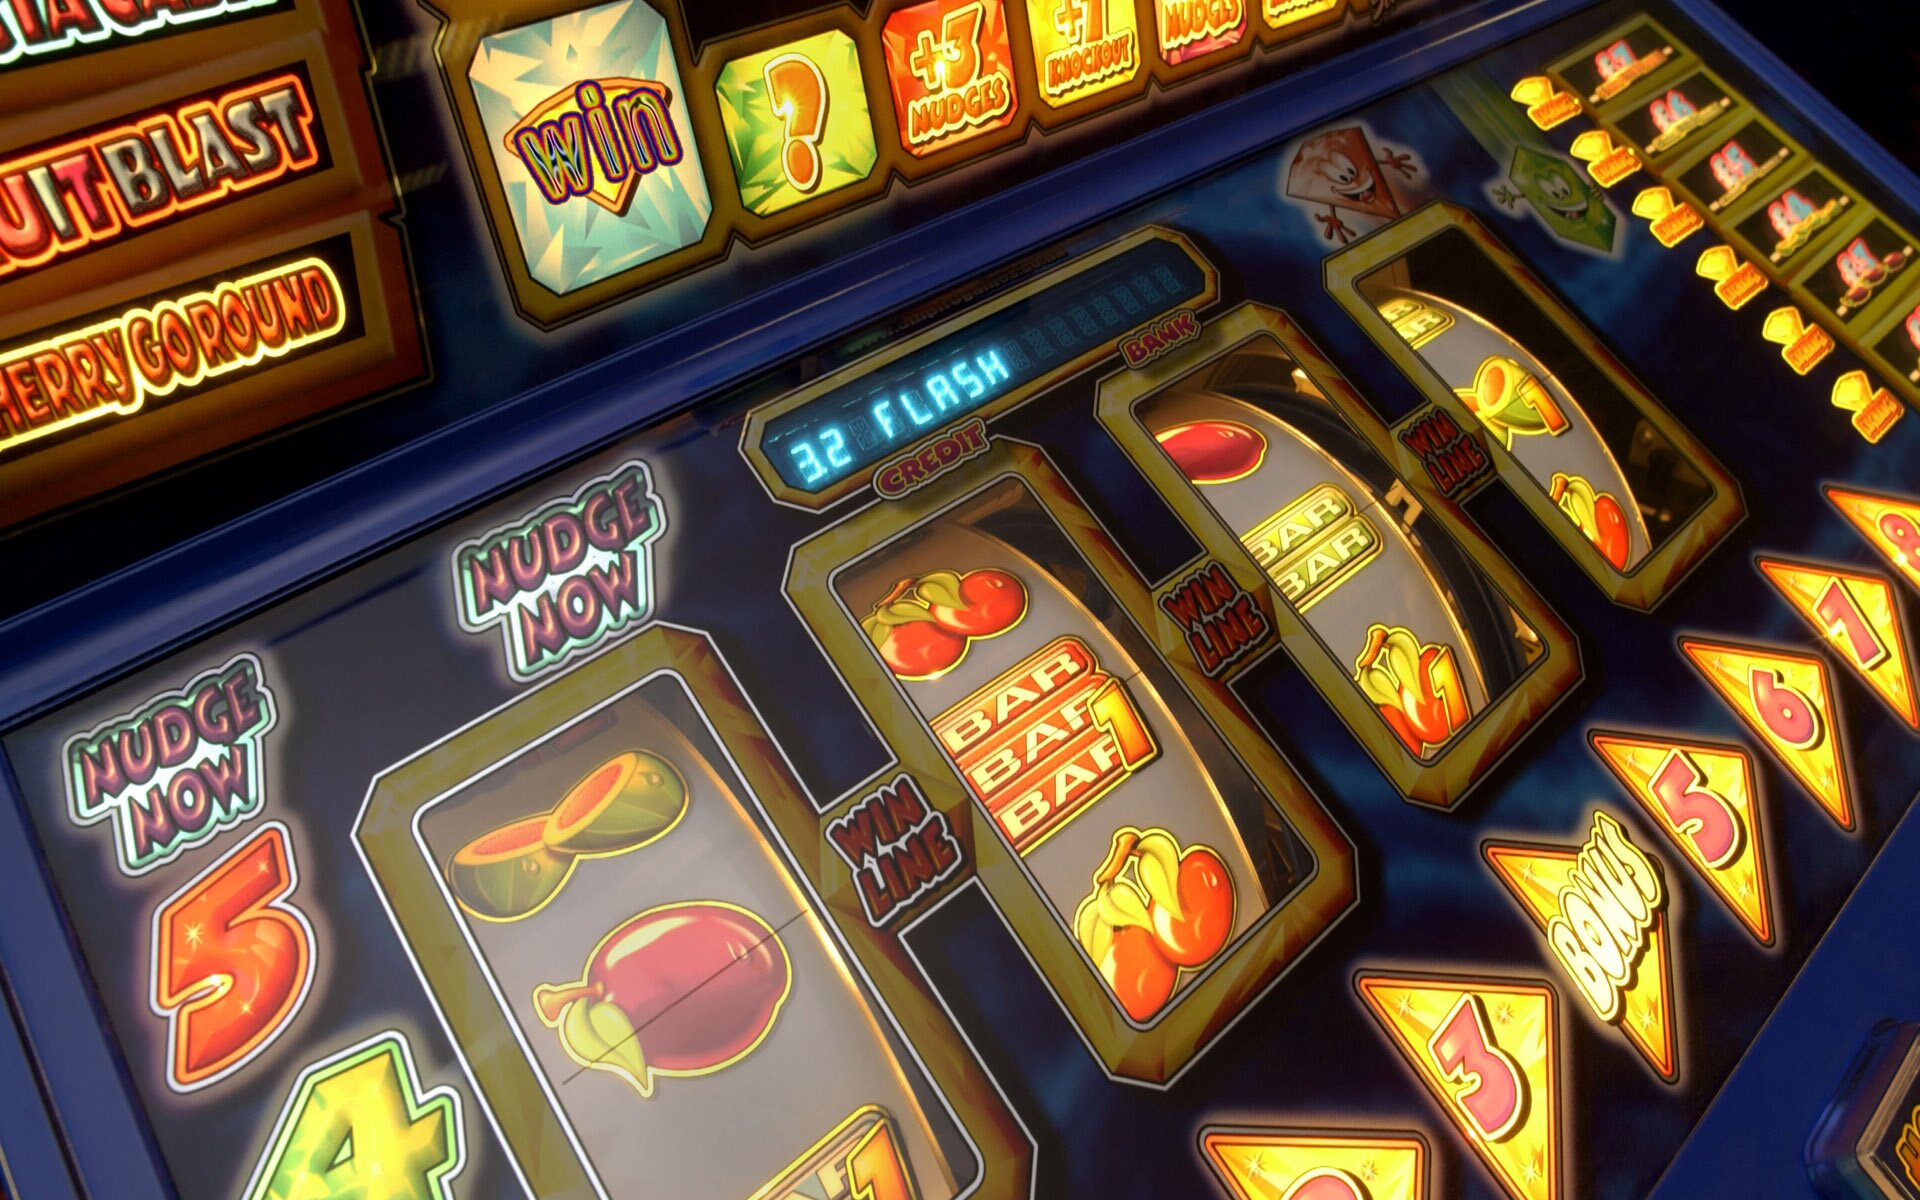 Картинки на игровые аппараты скачать симулятор игровые автоматы